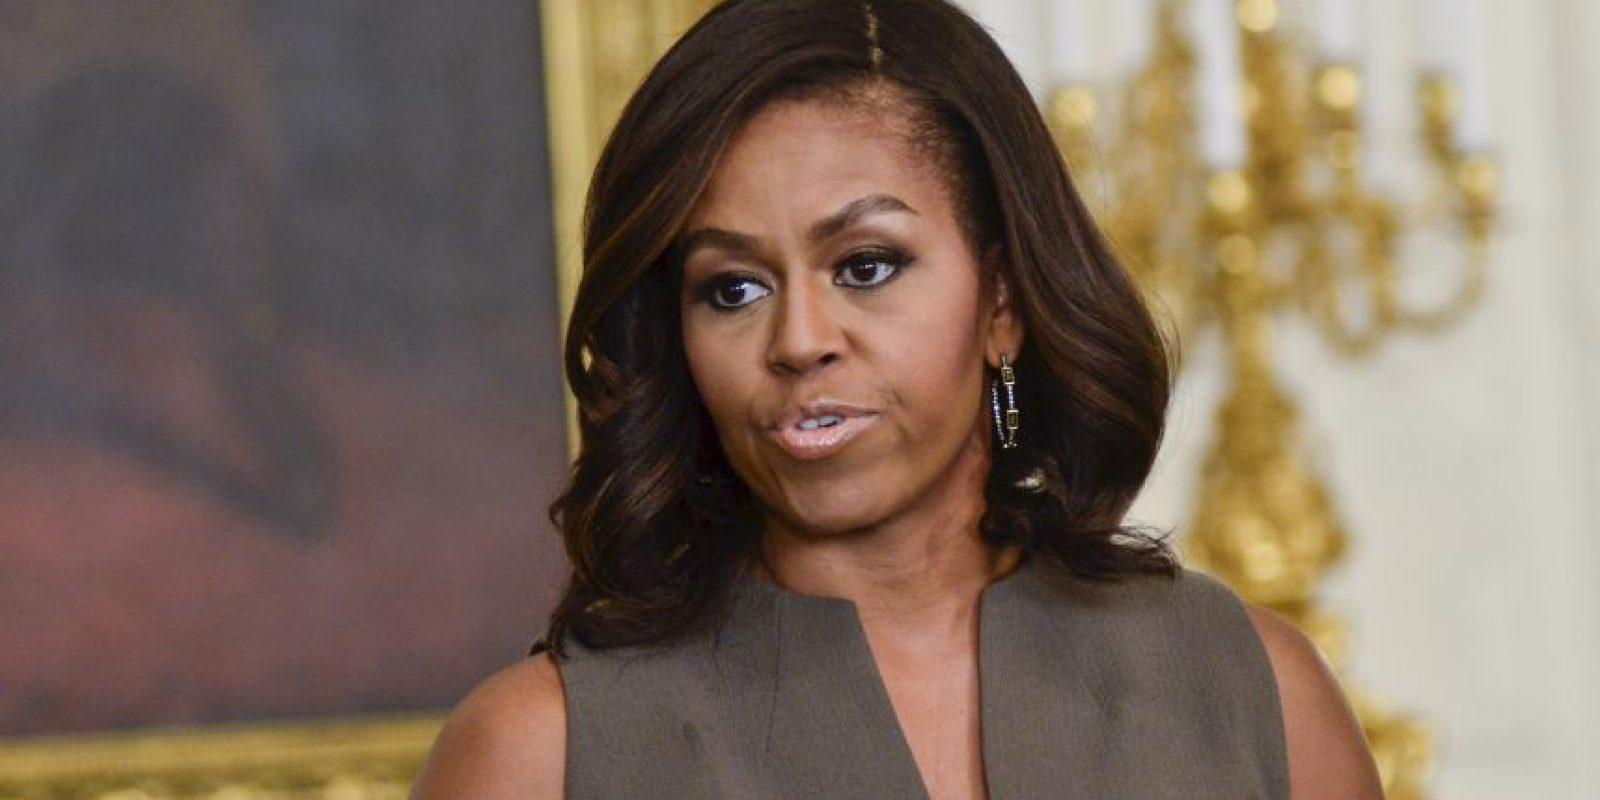 Los diseñadores estadounidenses suelen prestarle sus vestidos. Otros los paga ella. Jamás vienen del erario. Foto:Getty Images